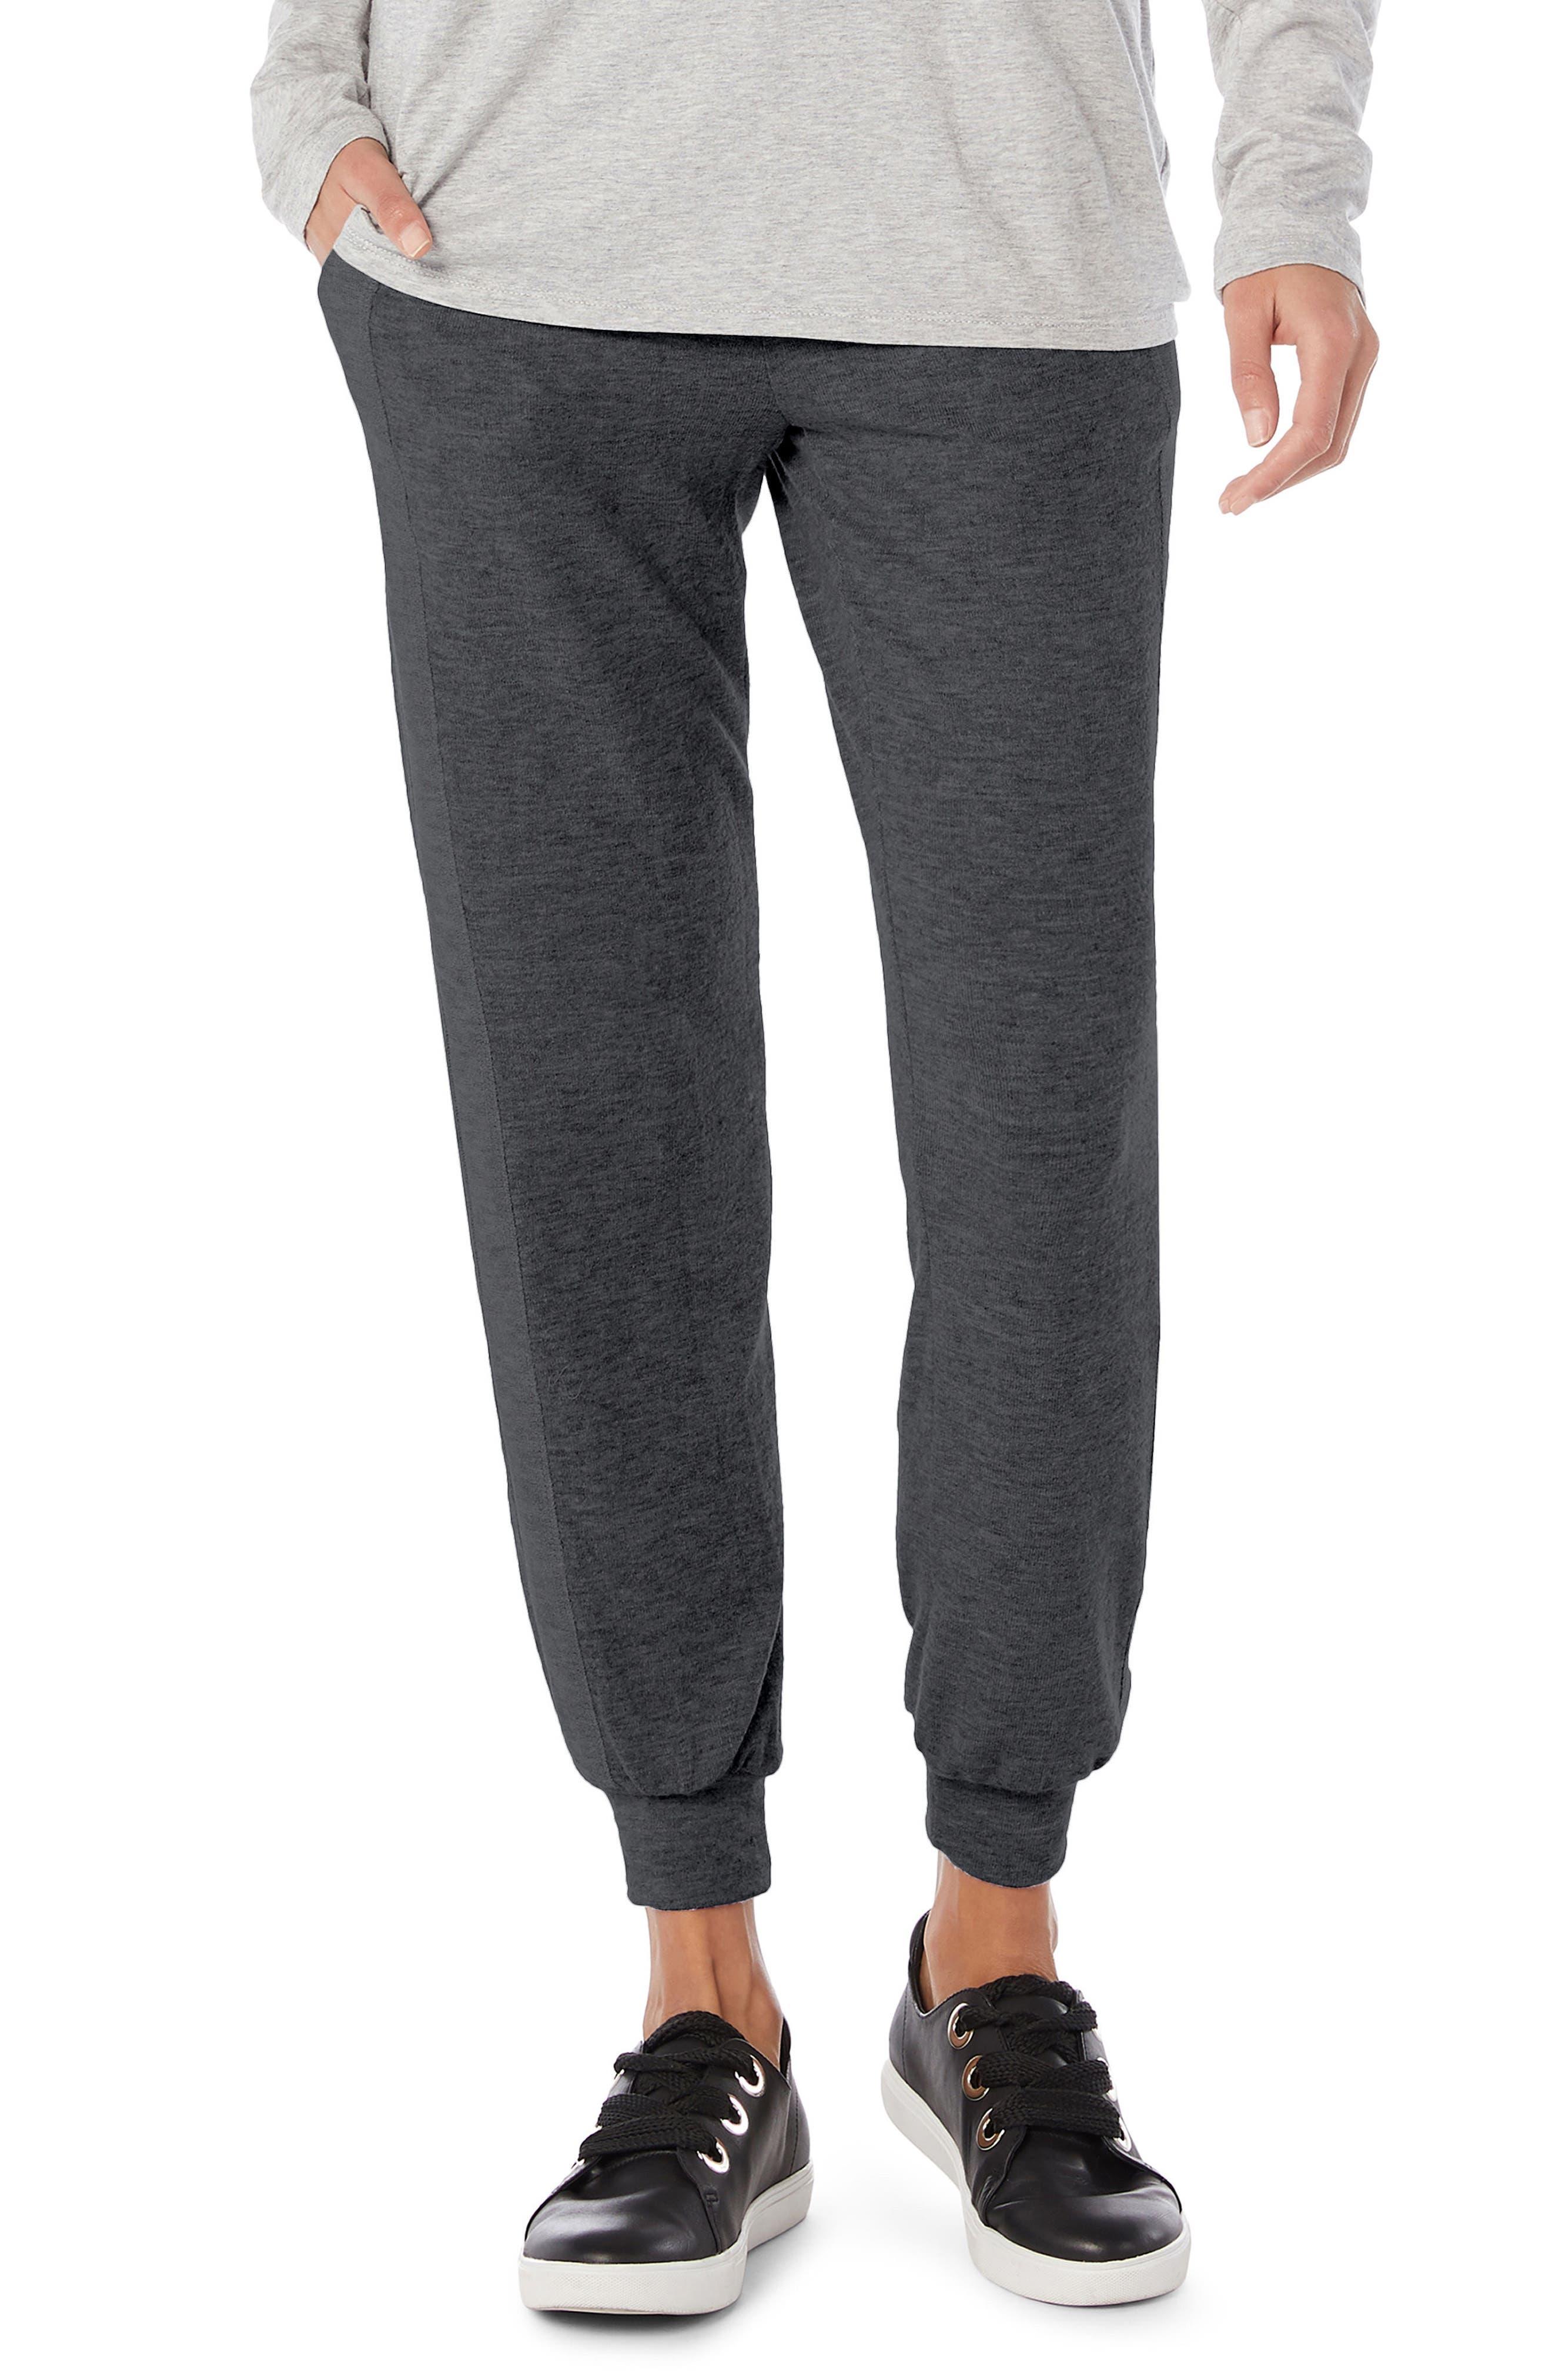 Drawstring Pull-on Pants,                             Main thumbnail 1, color,                             Charcoal